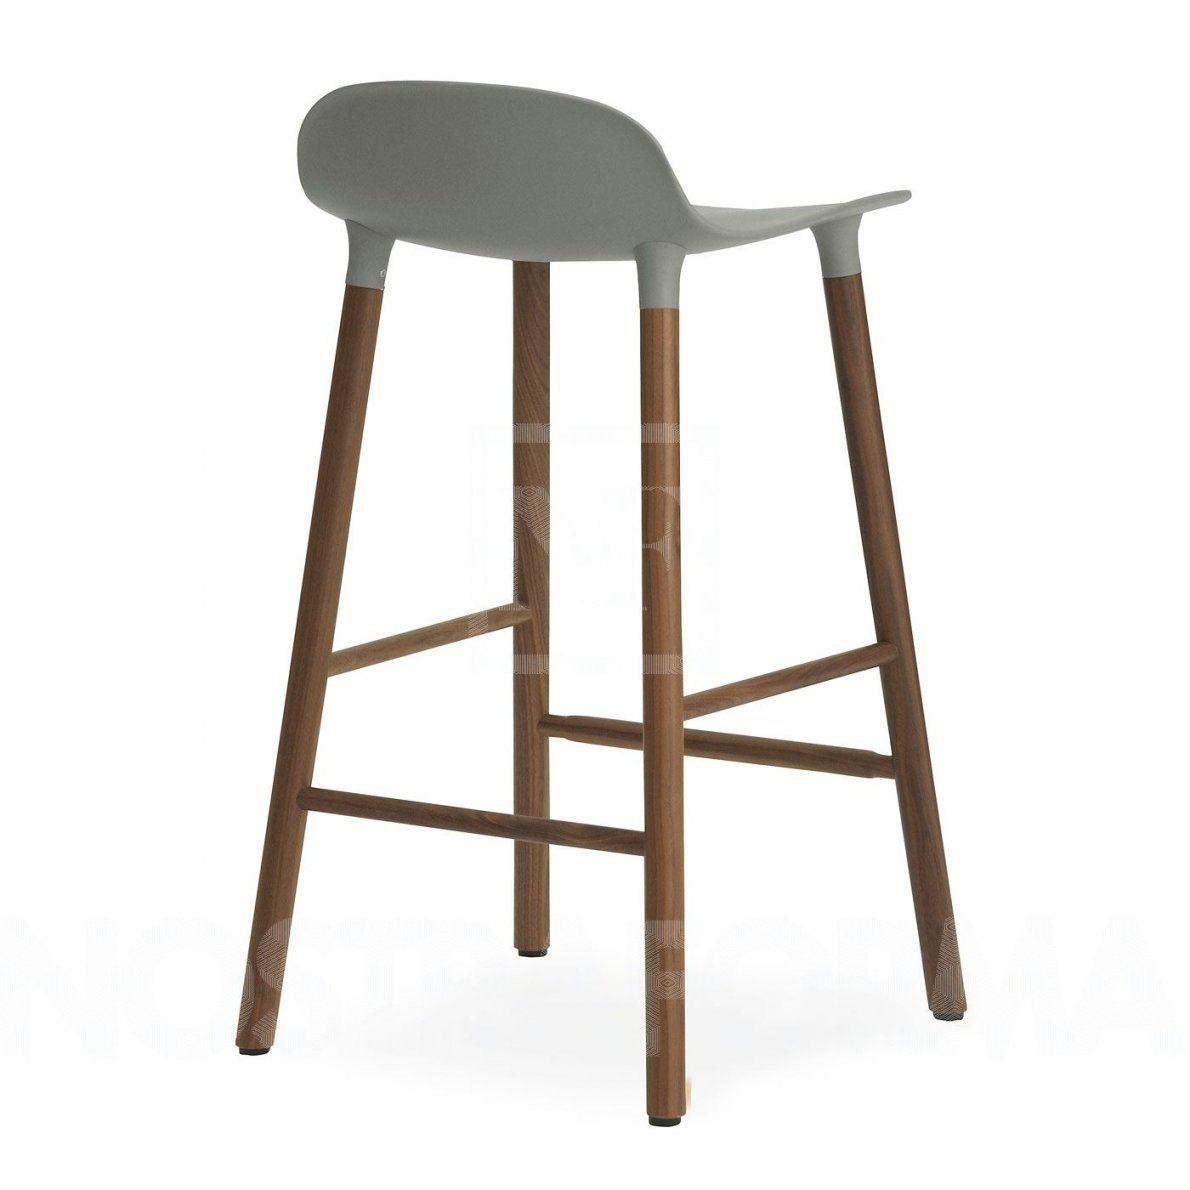 m bel sthetische ideen hocker sitzh he 60 cm und sch ne barhocker von tresenhocker 60 cm. Black Bedroom Furniture Sets. Home Design Ideas